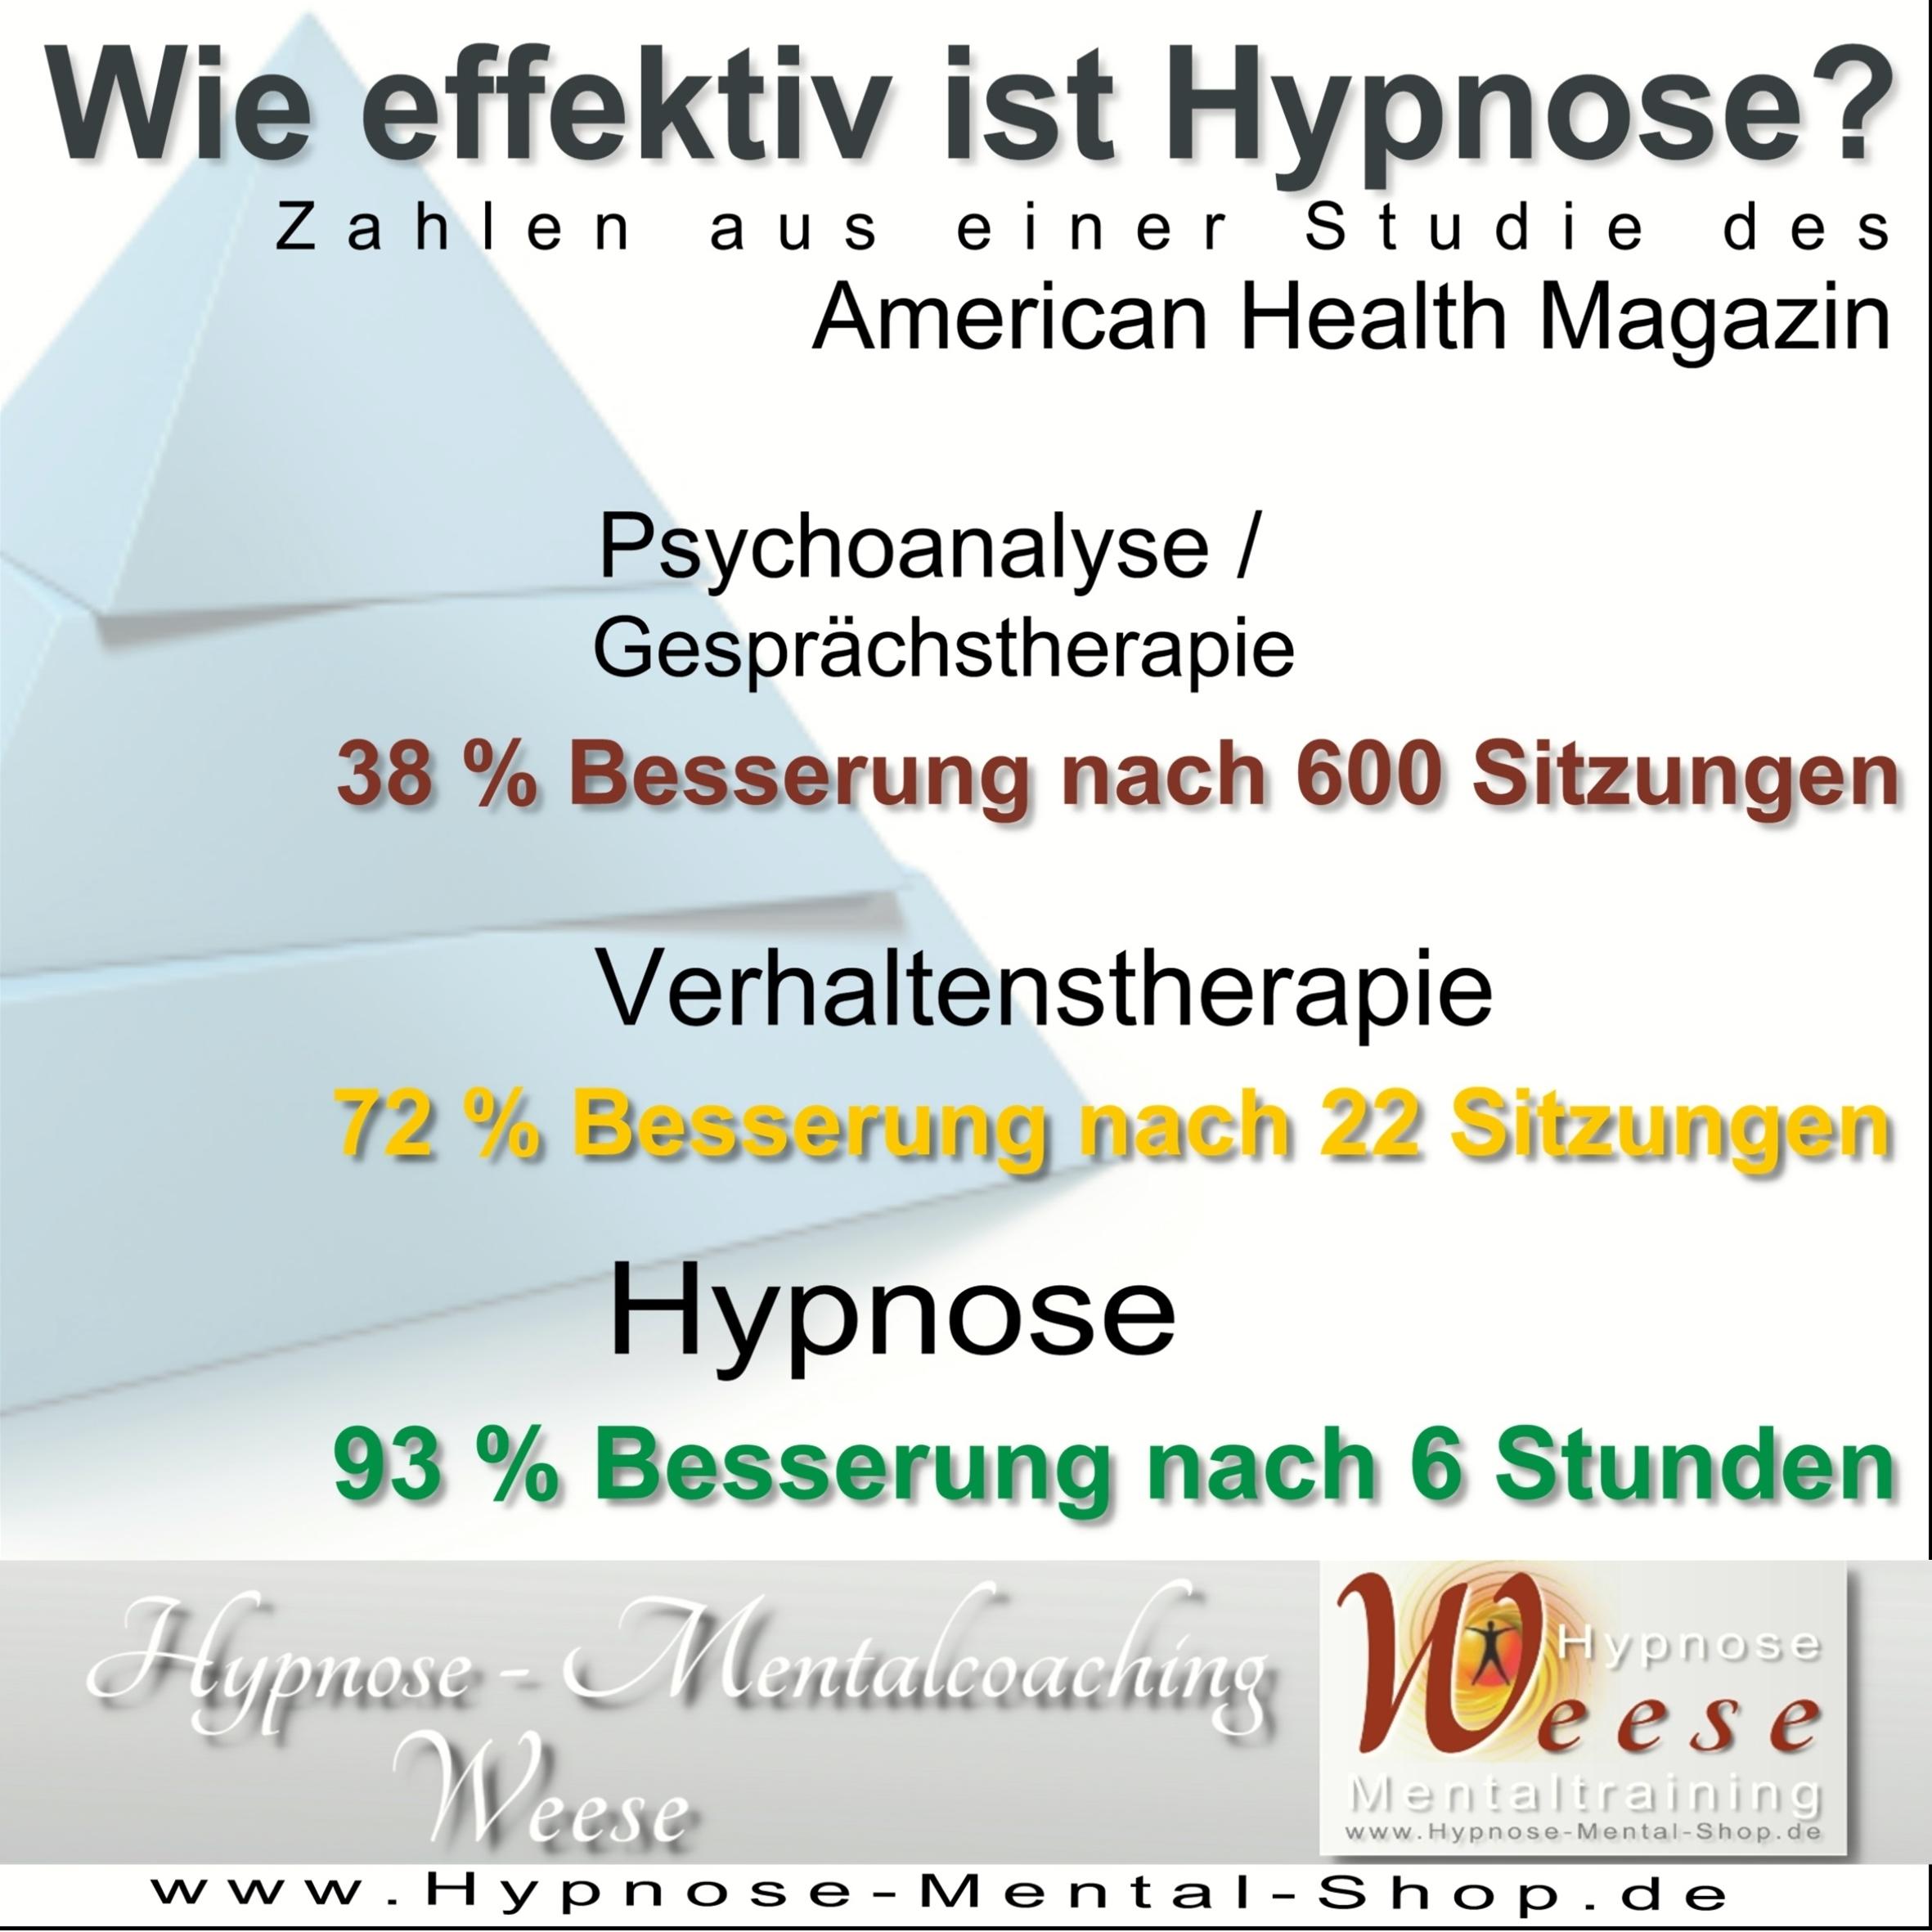 wie effektiv ist hypnose